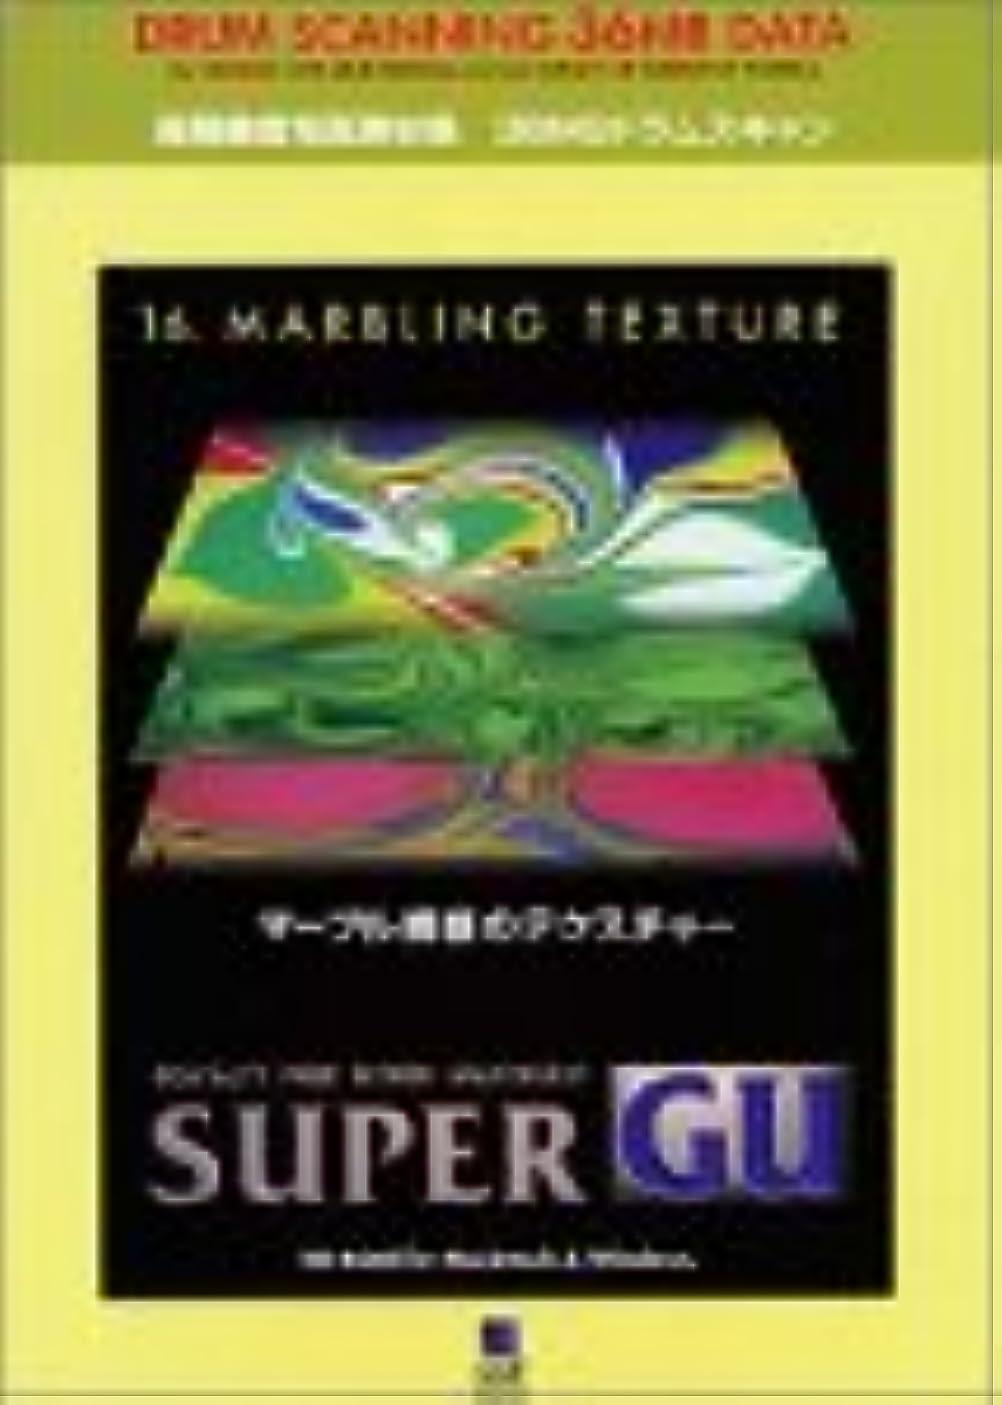 困惑した助けになる励起Super GU 16 Marbling Texture